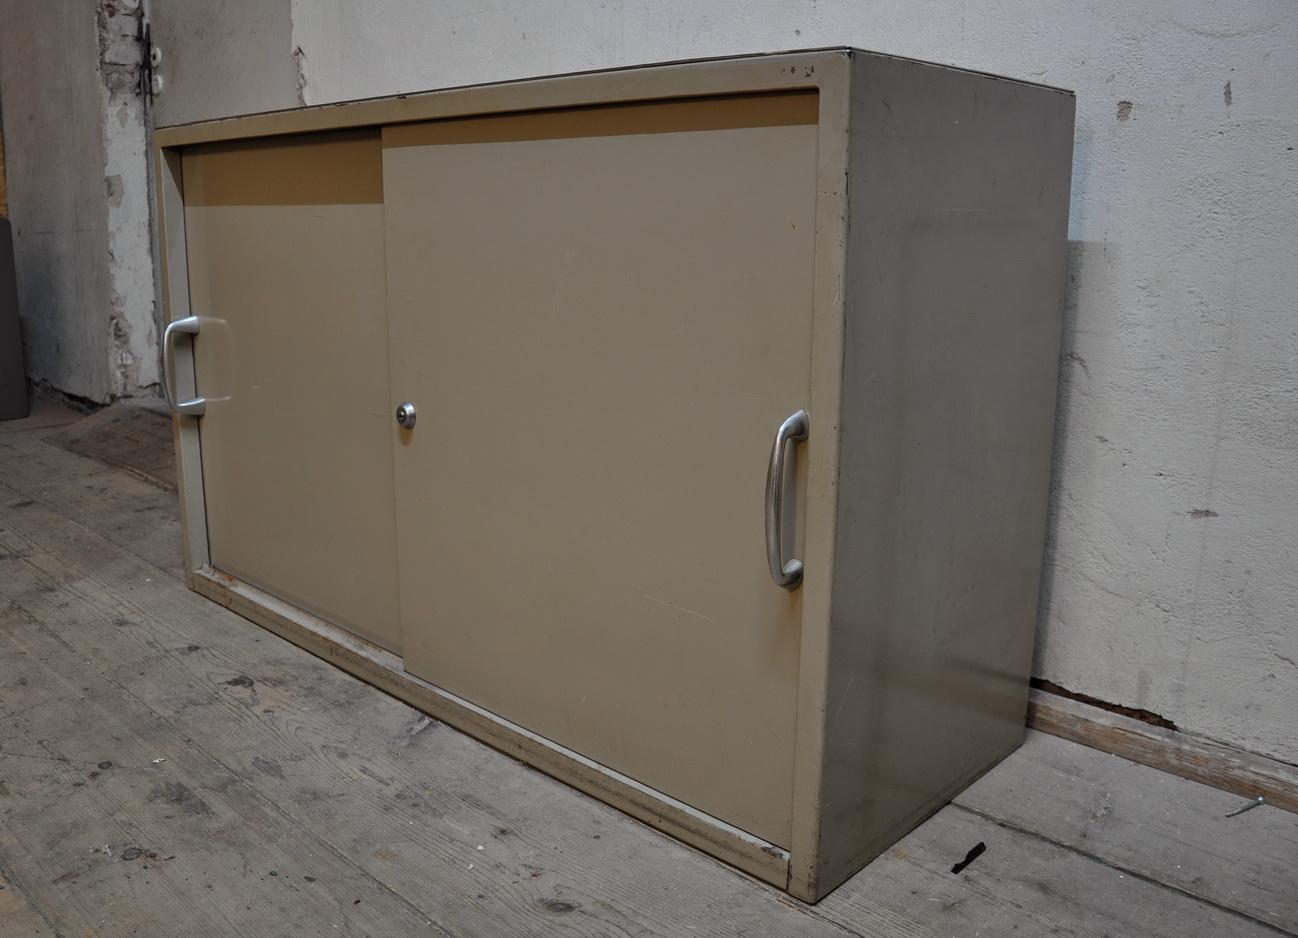 50er jahre metal schrank bauhaus artig arztm bel sideboard for Sideboard 80er jahre